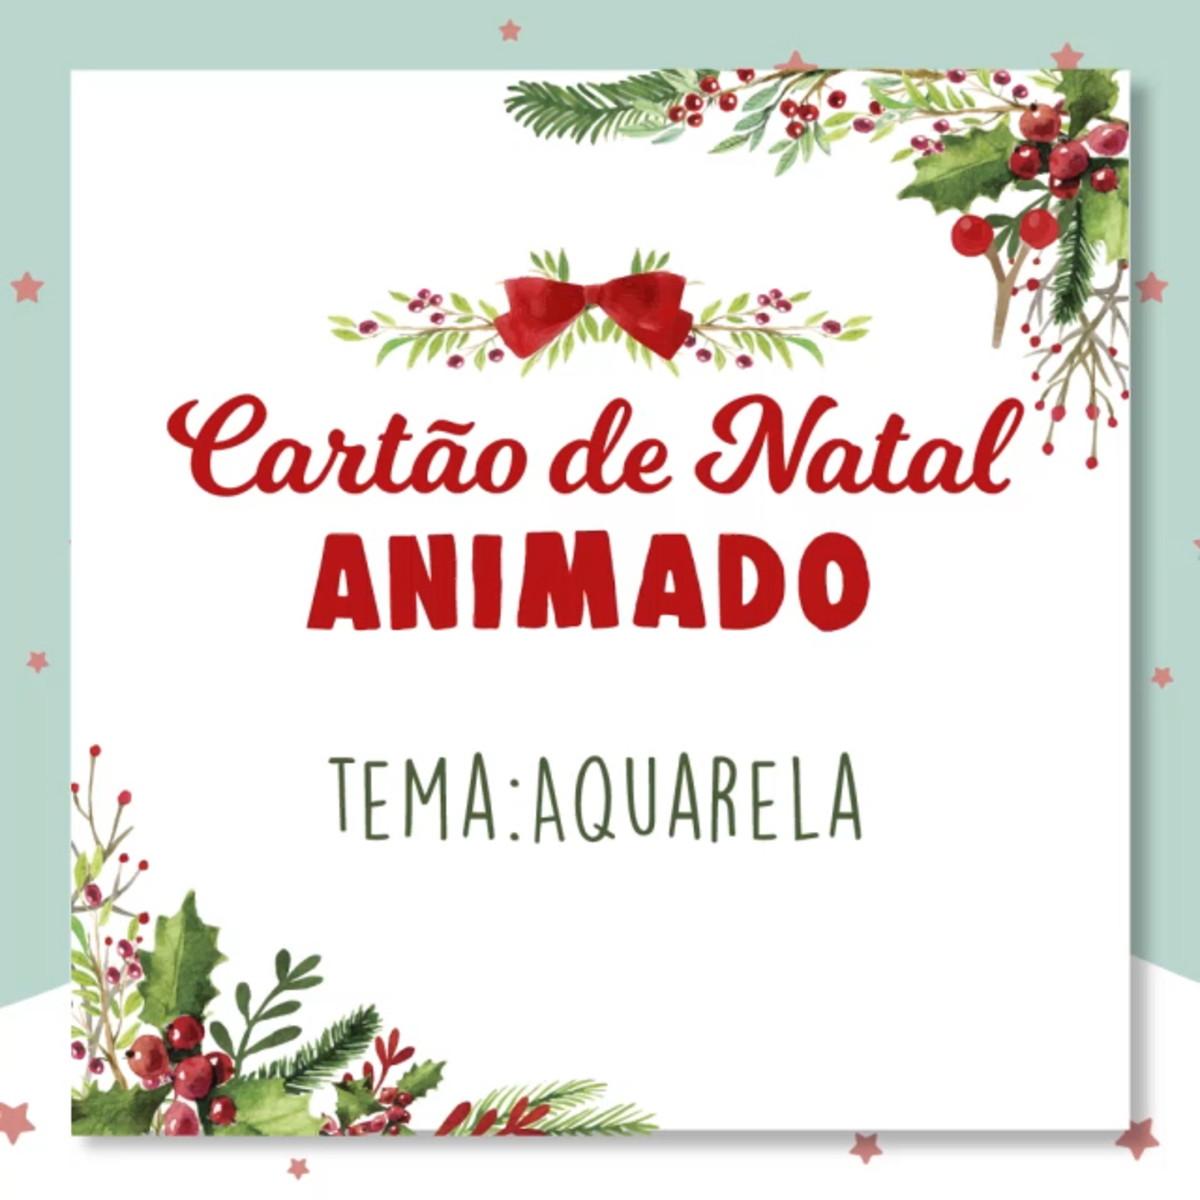 Cartao De Natal Animado Animacao 2d Tema Aquarela No Elo7